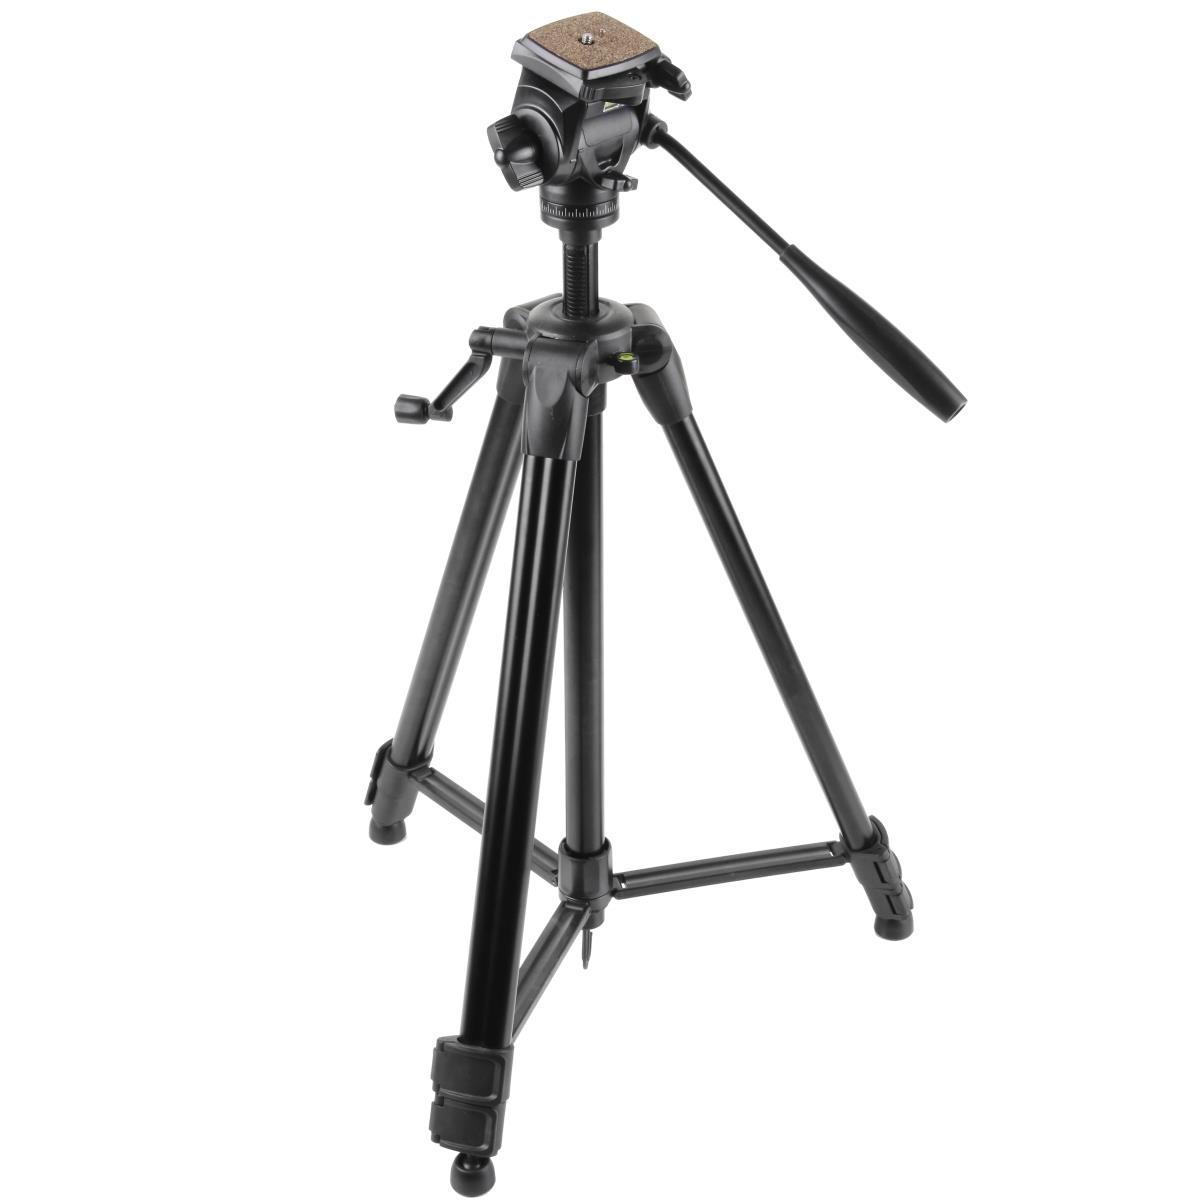 Walimex pro Walimex FW-3970 Semi-Pro Stativ mit 3D-Neiger 172cm schwarz